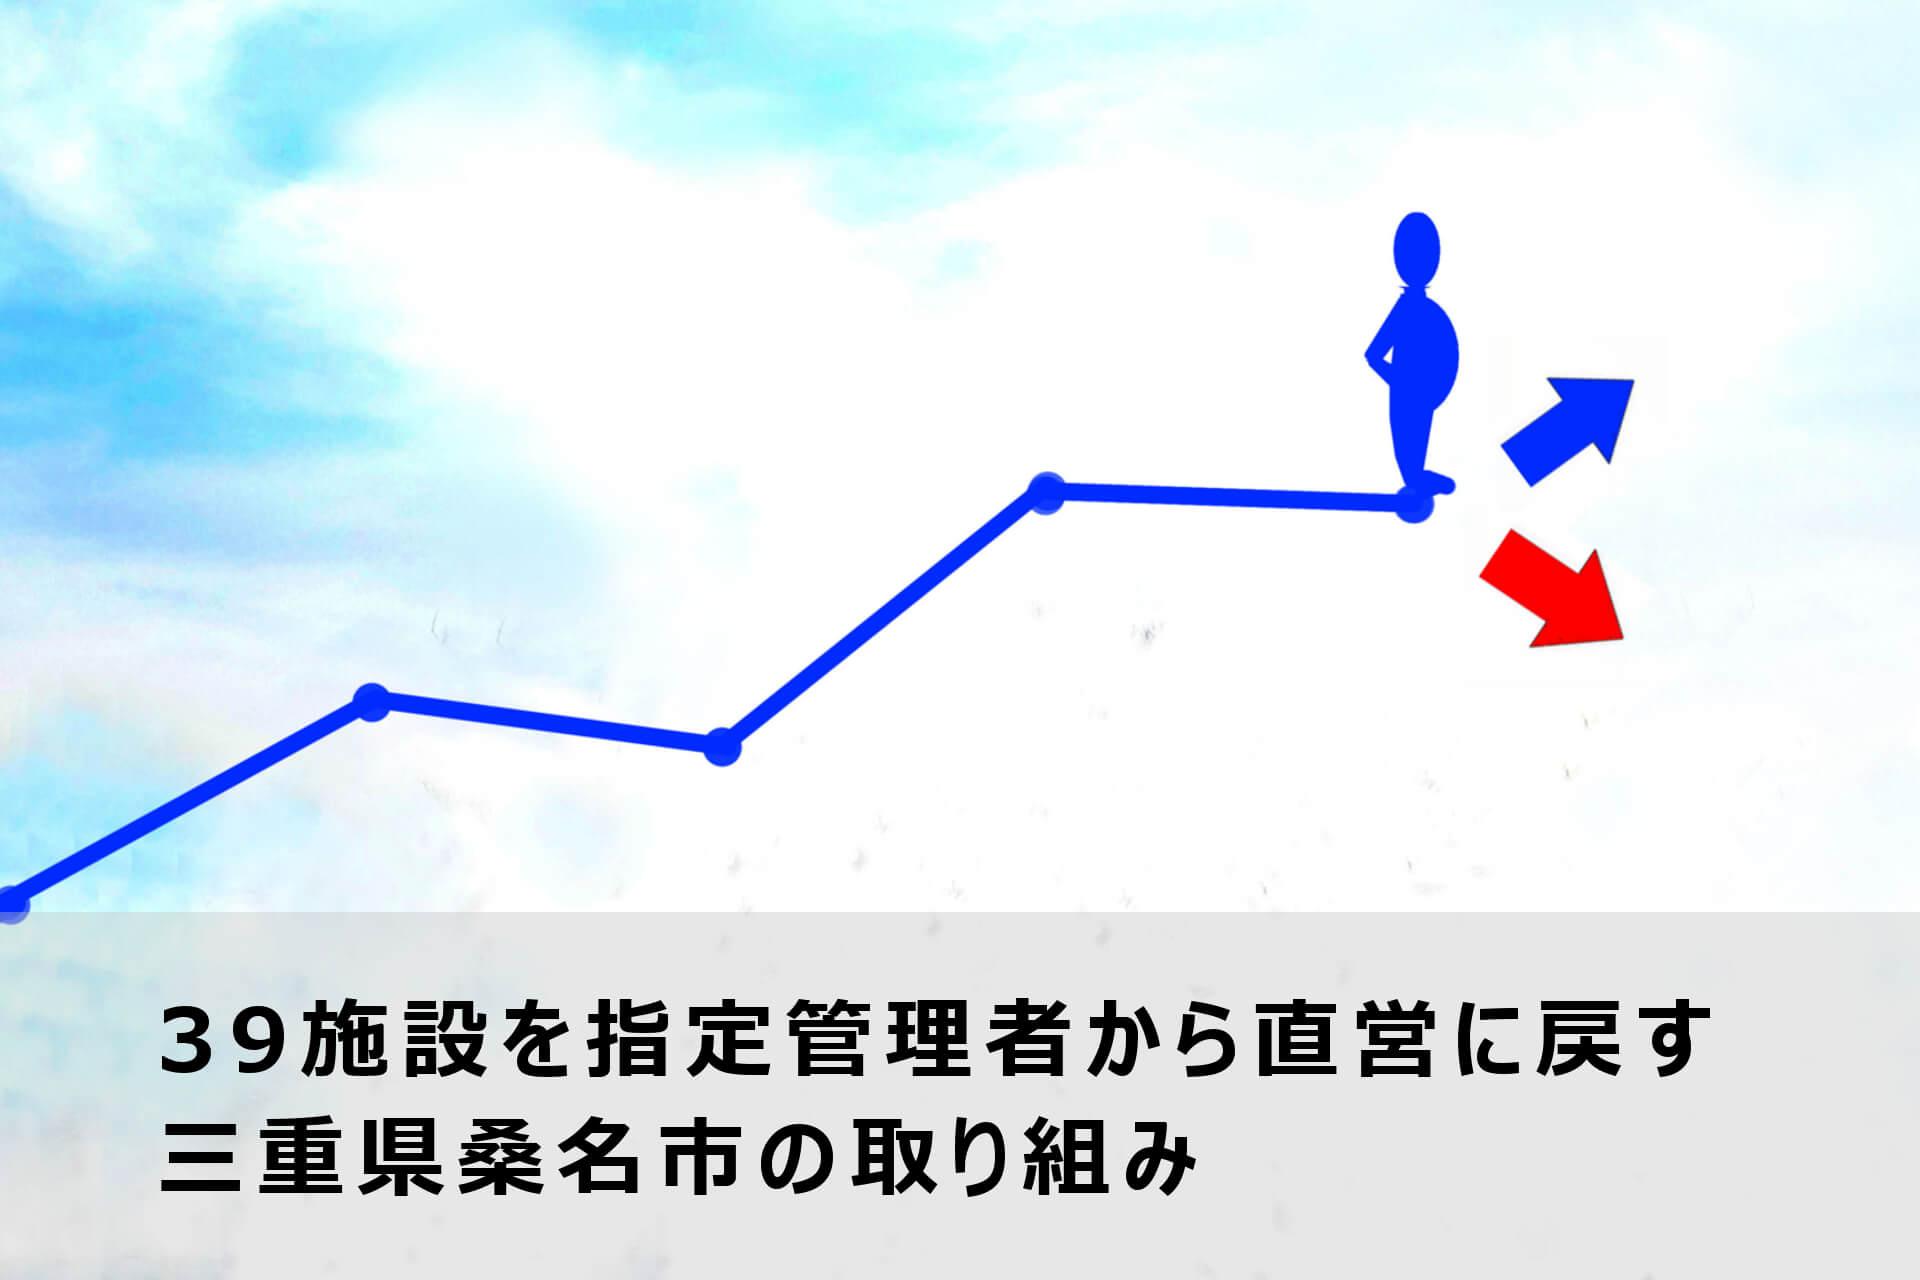 39施設を指定管理者から直営に戻す三重県桑名市の取り組み